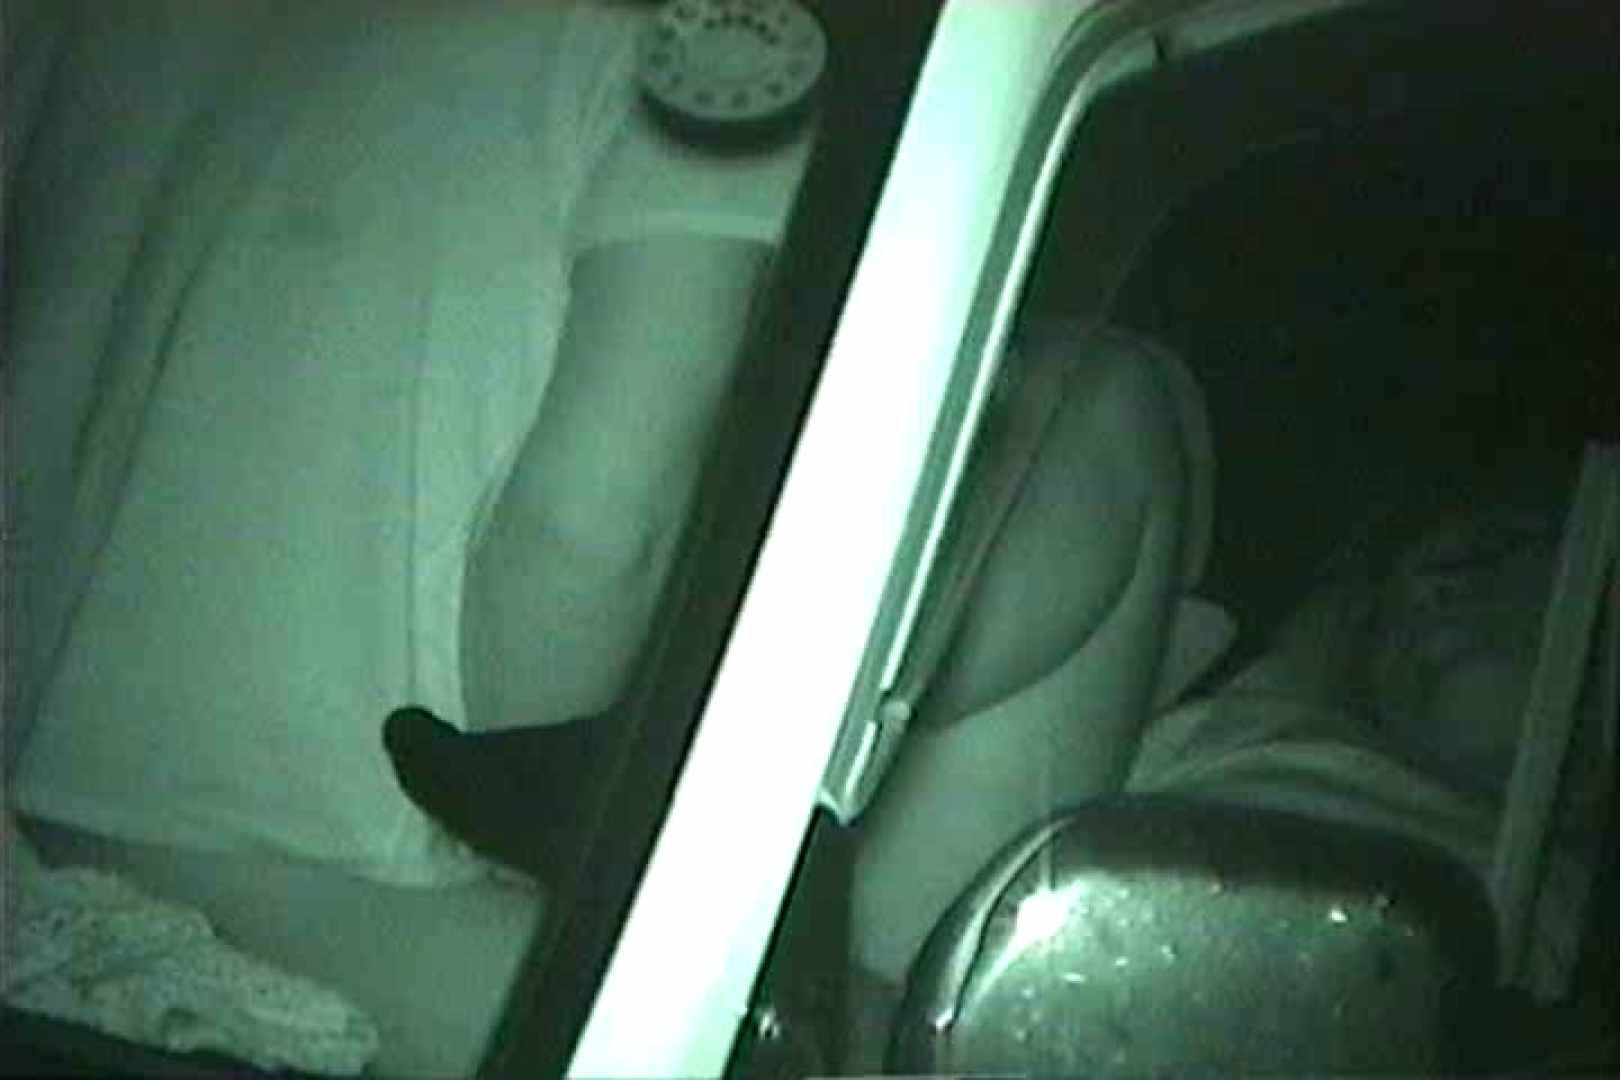 車の中はラブホテル 無修正版  Vol.24 ホテルでエッチ 盗撮エロ画像 56pic 19